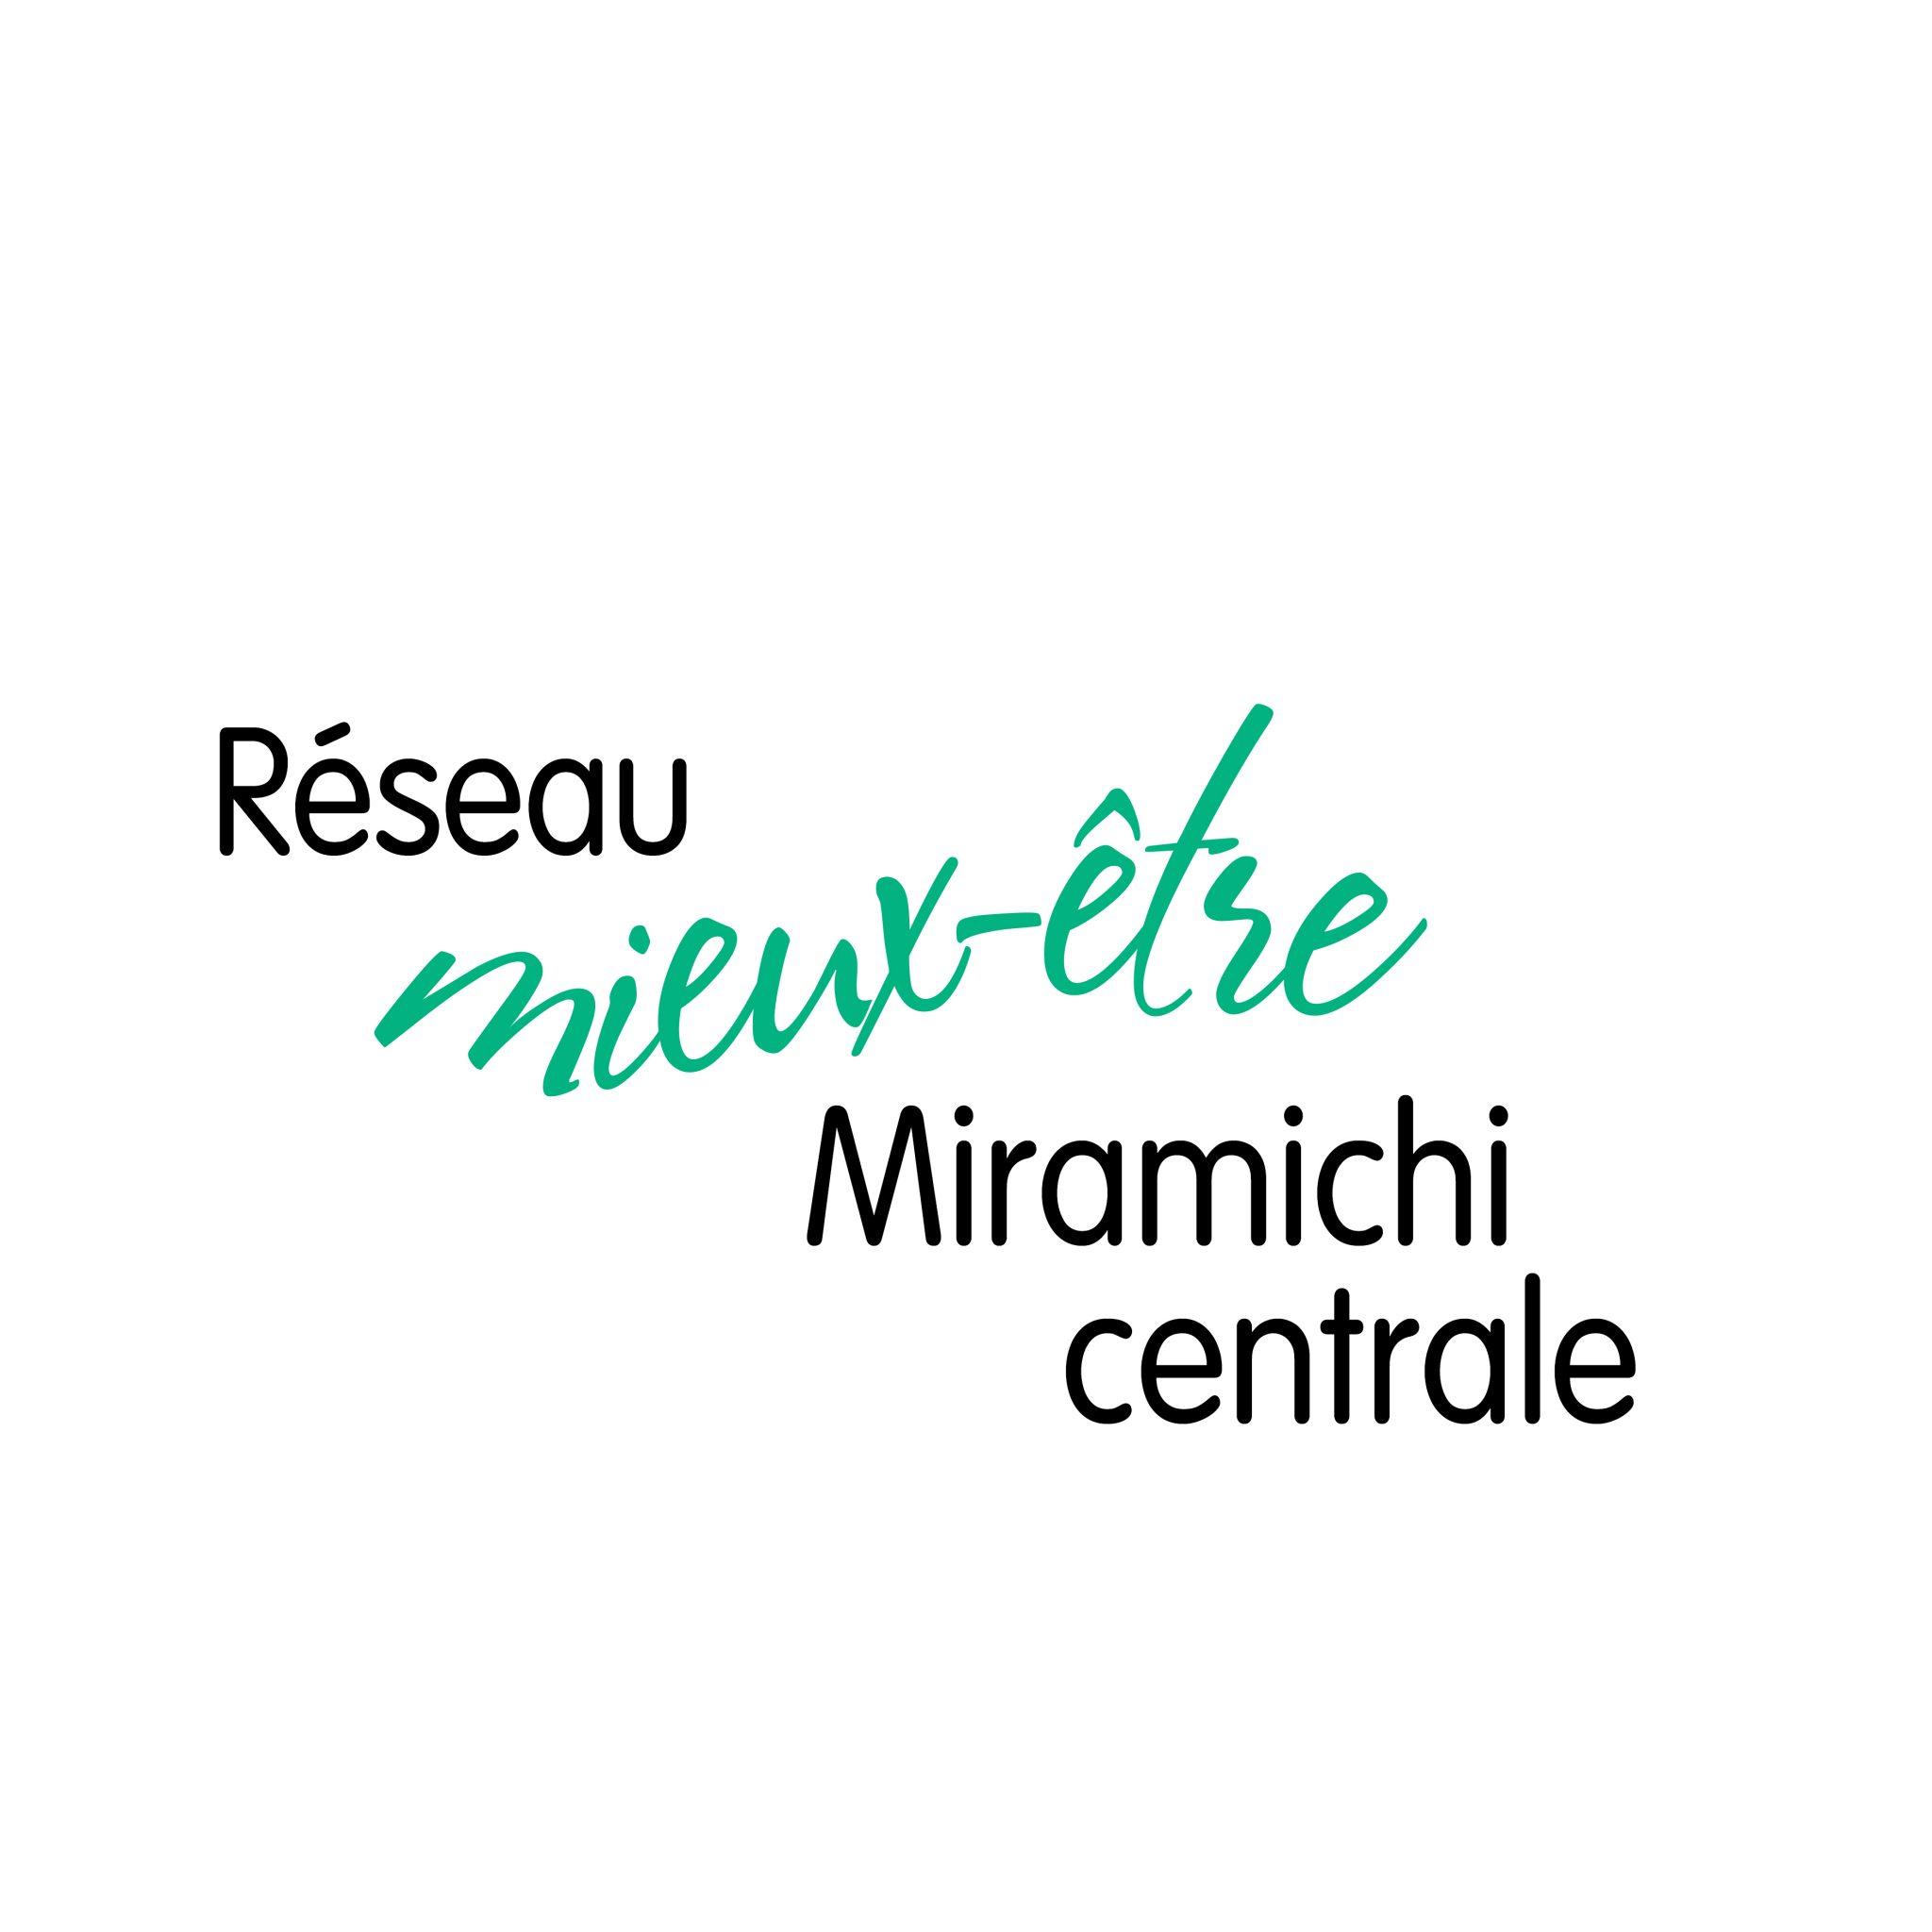 Miramichi Centrale